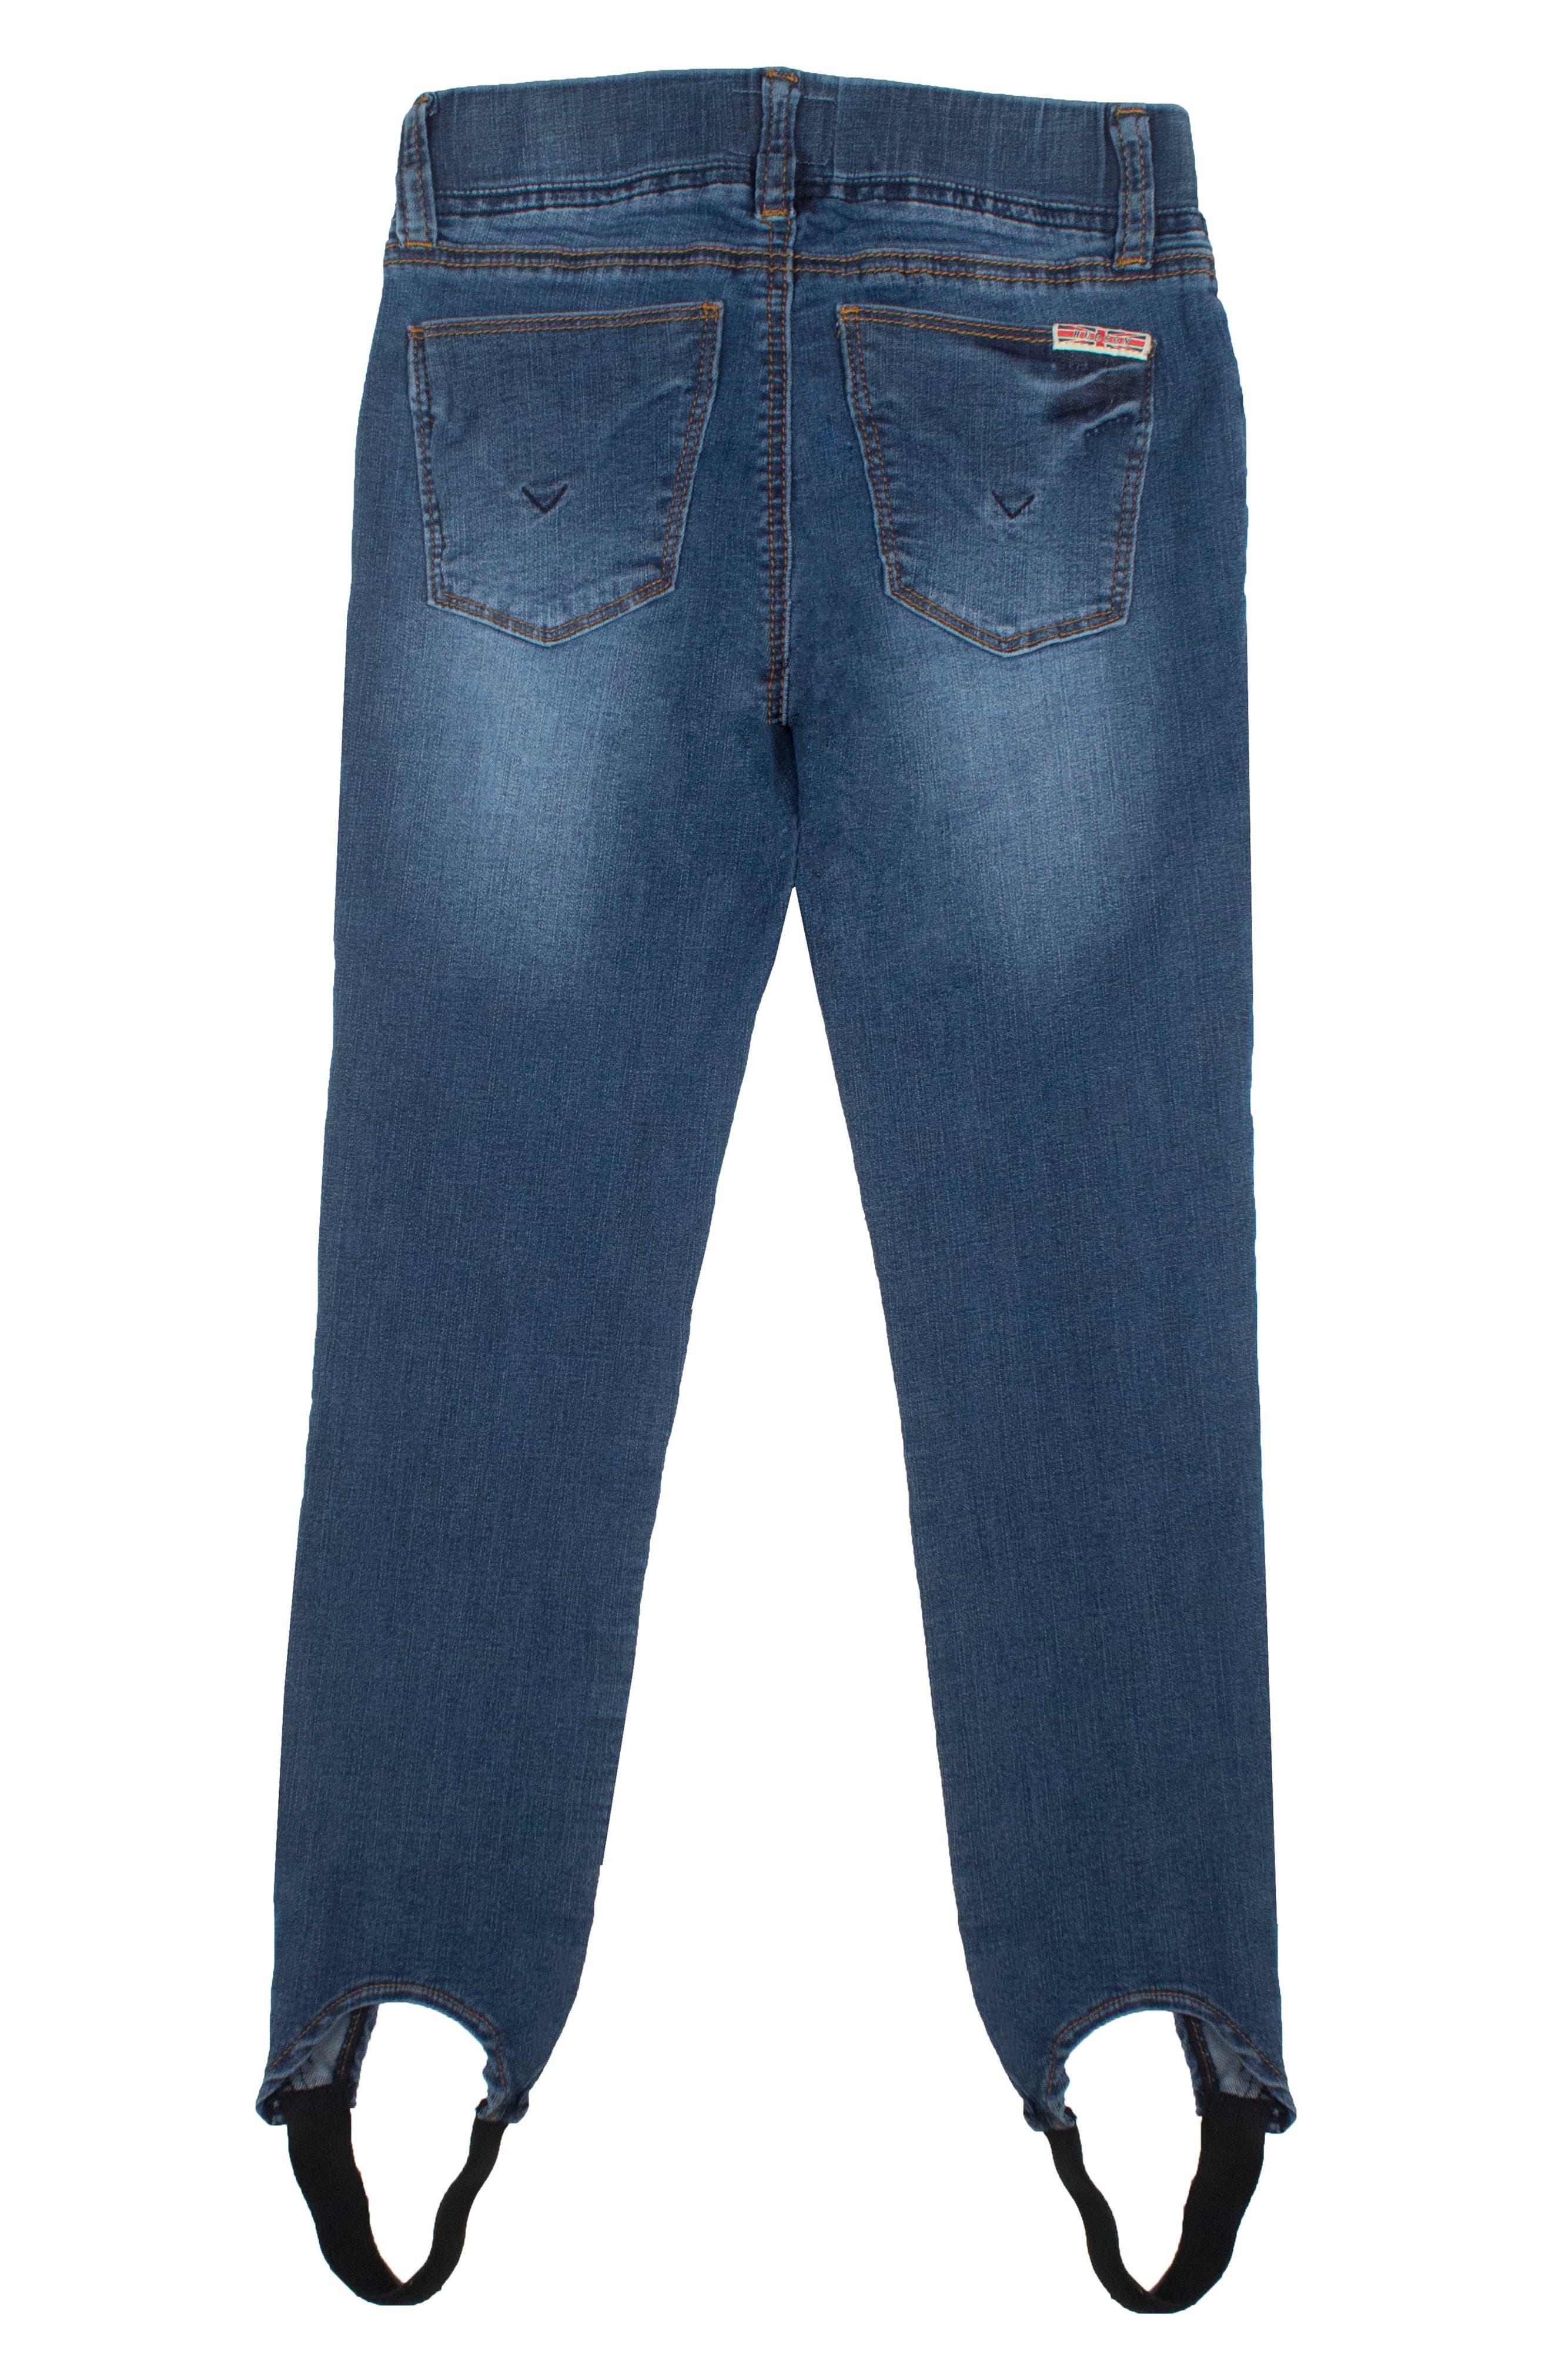 Alternate Image 2  - Hudson Kids Rosa Stirrup Jeans (Big Girls)